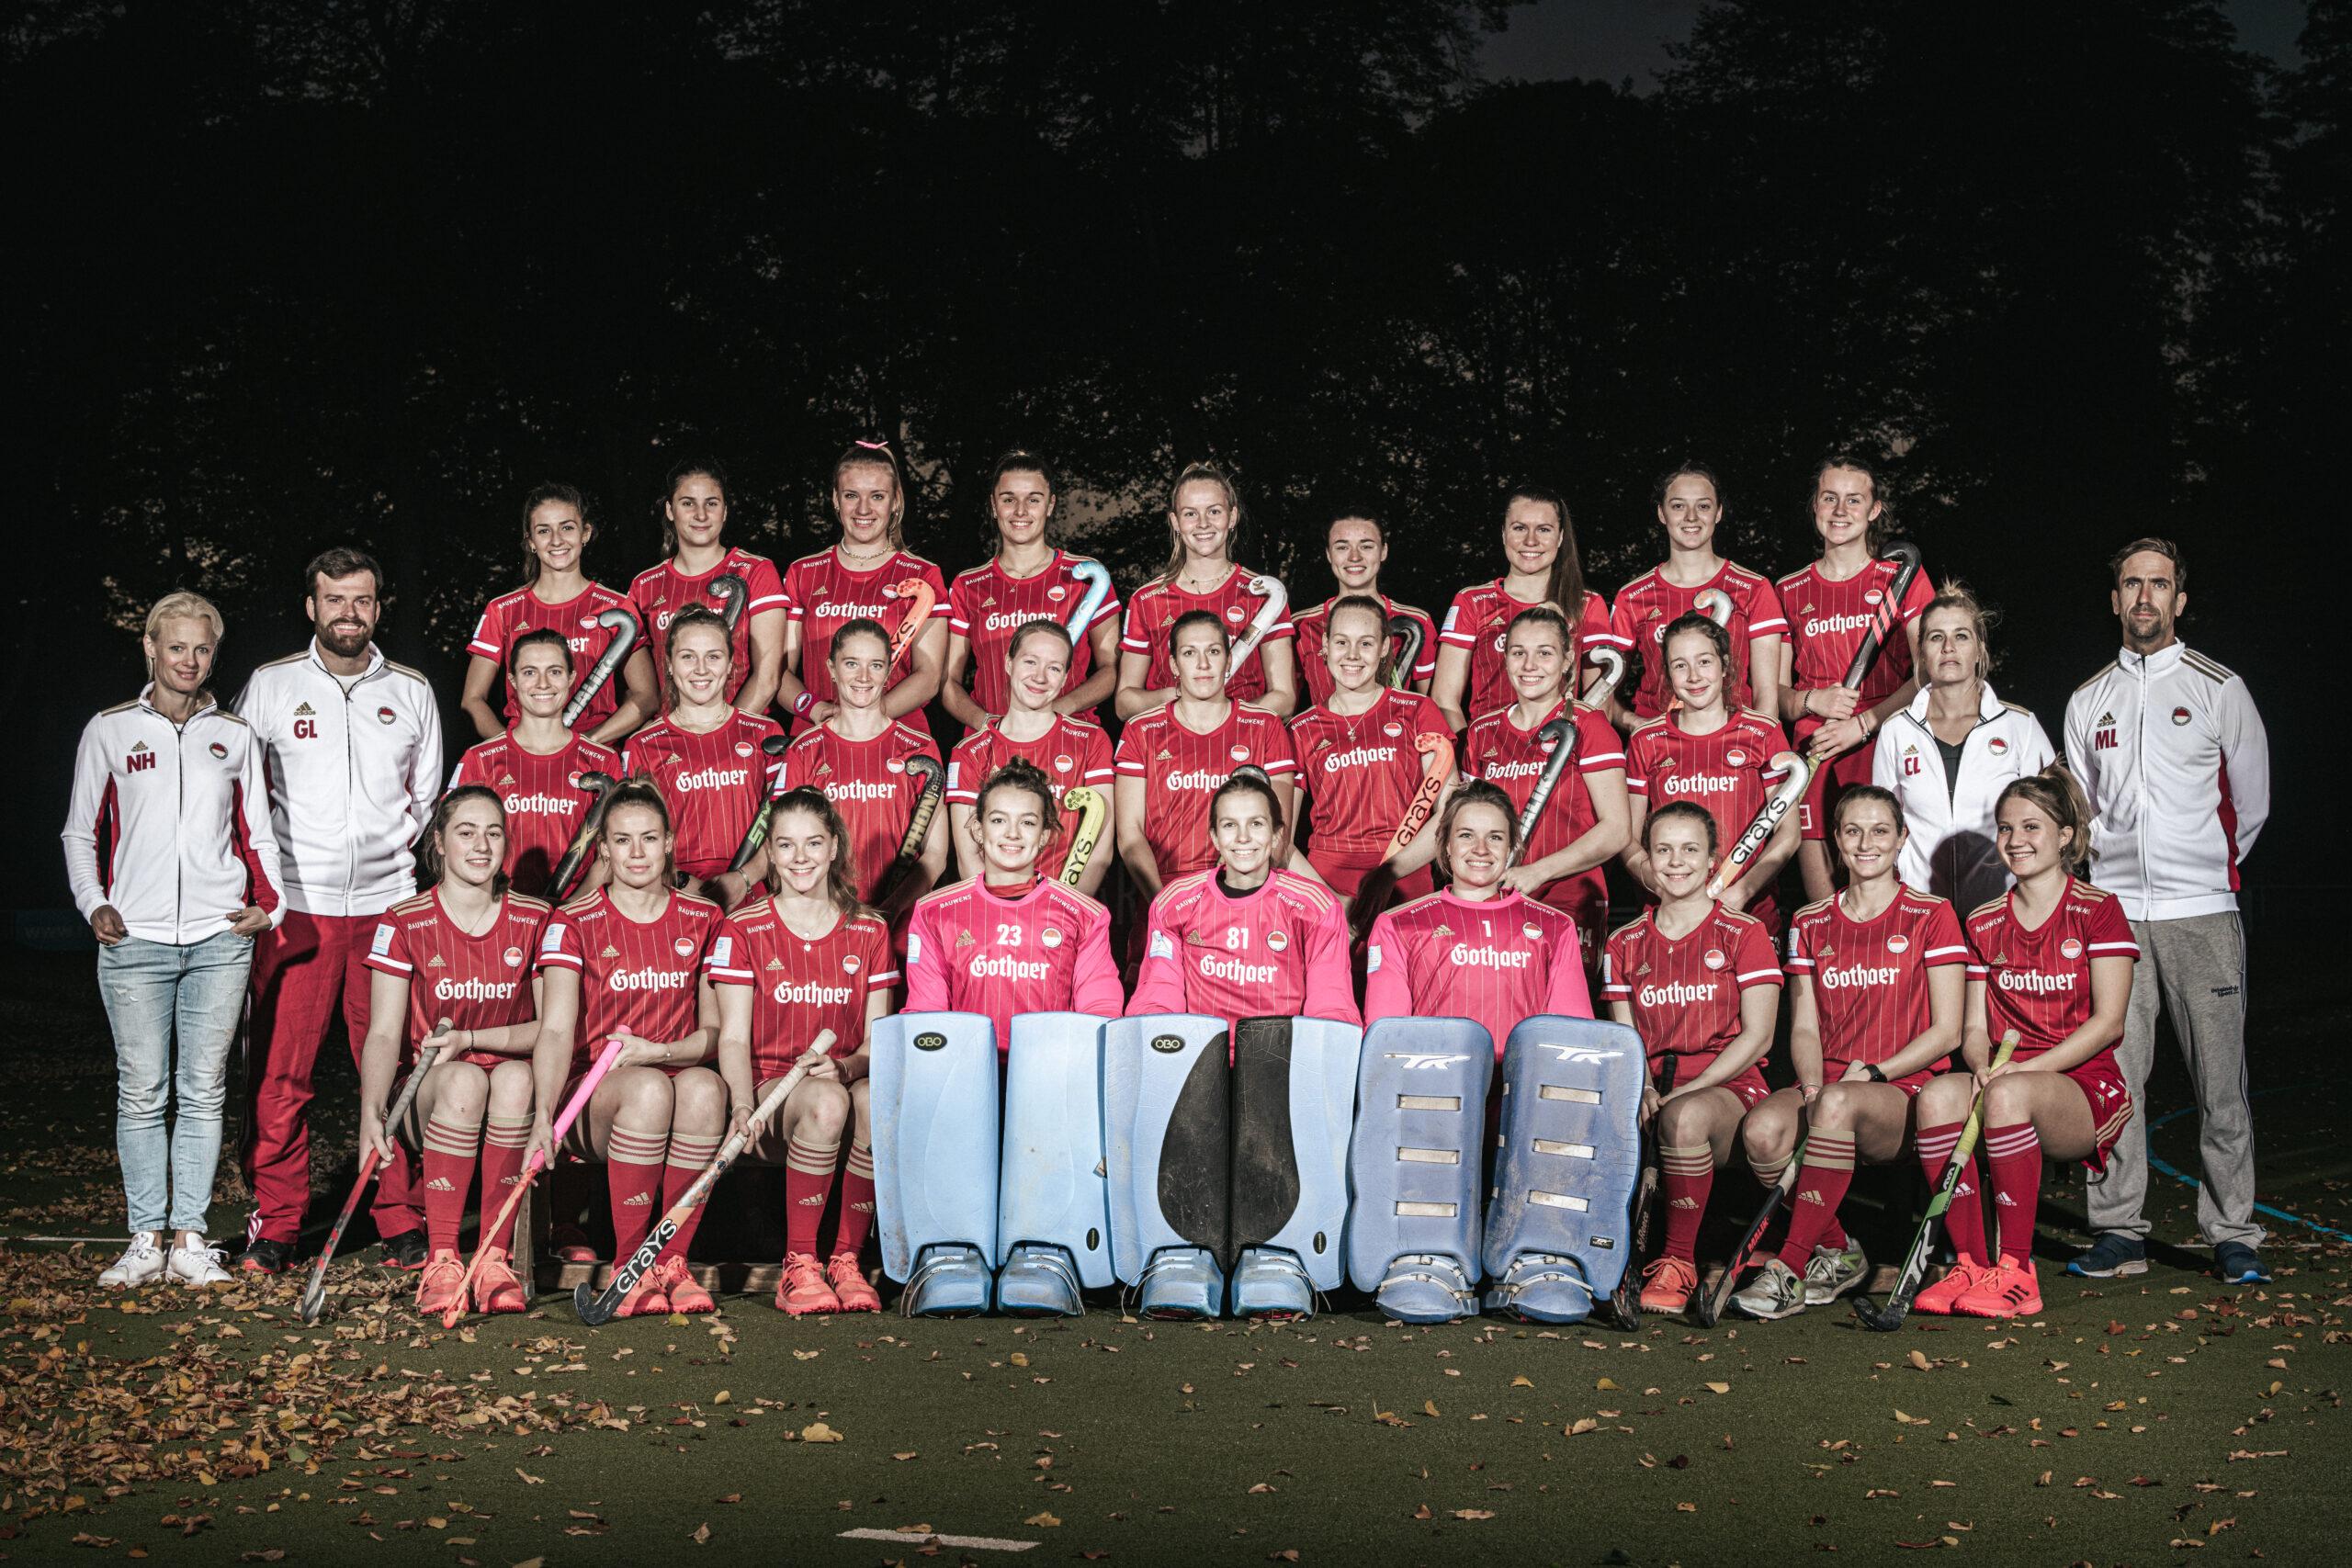 Vorschau 20. Spielwochenende (10.4./11.4.21) 1. Damen Rot-Weiss Köln